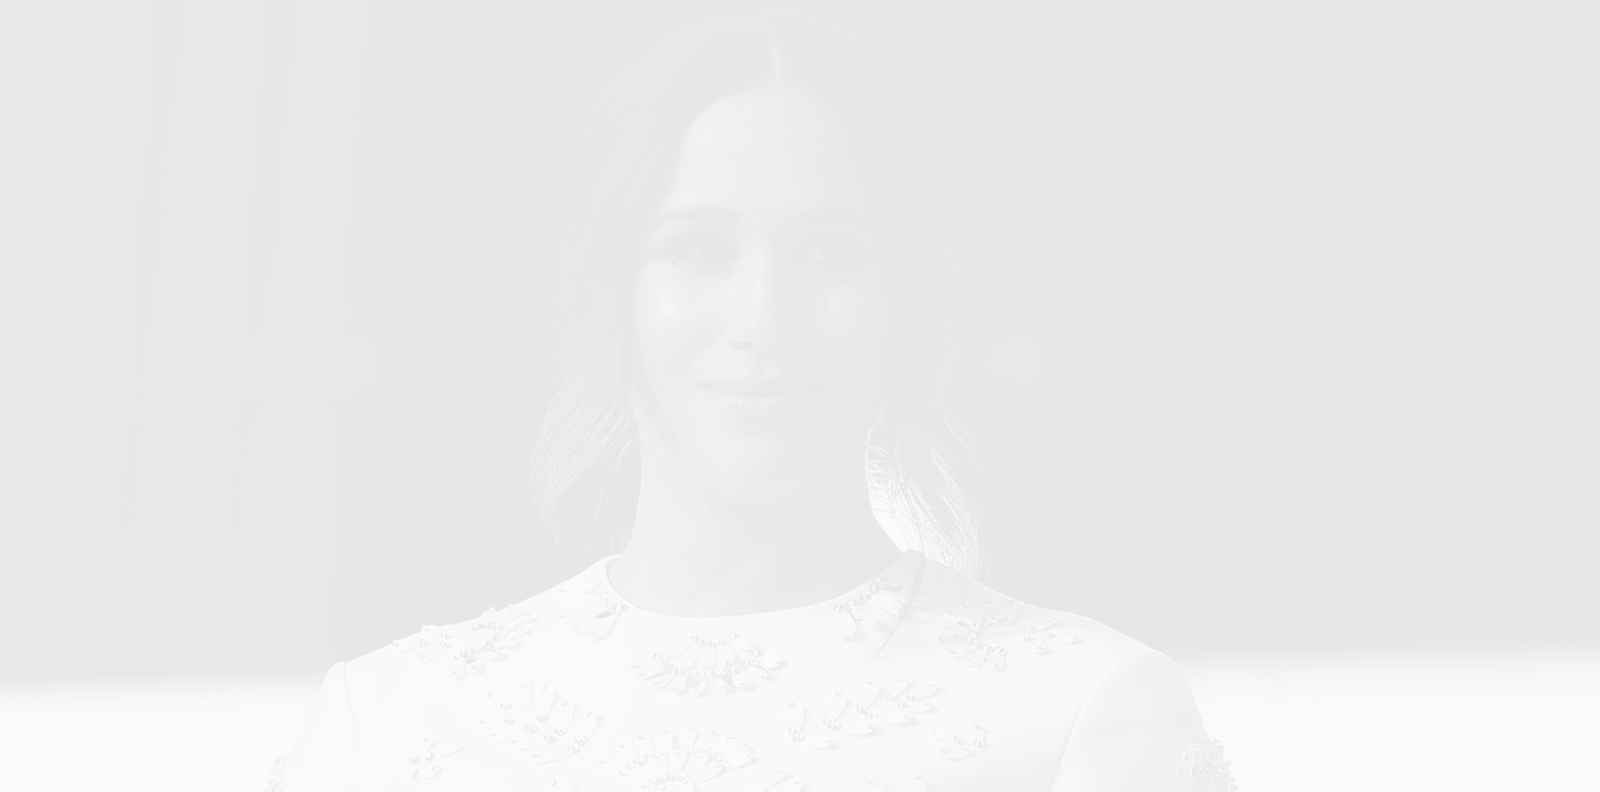 Говори се, че и Меган Маркъл подготвя козметична марка